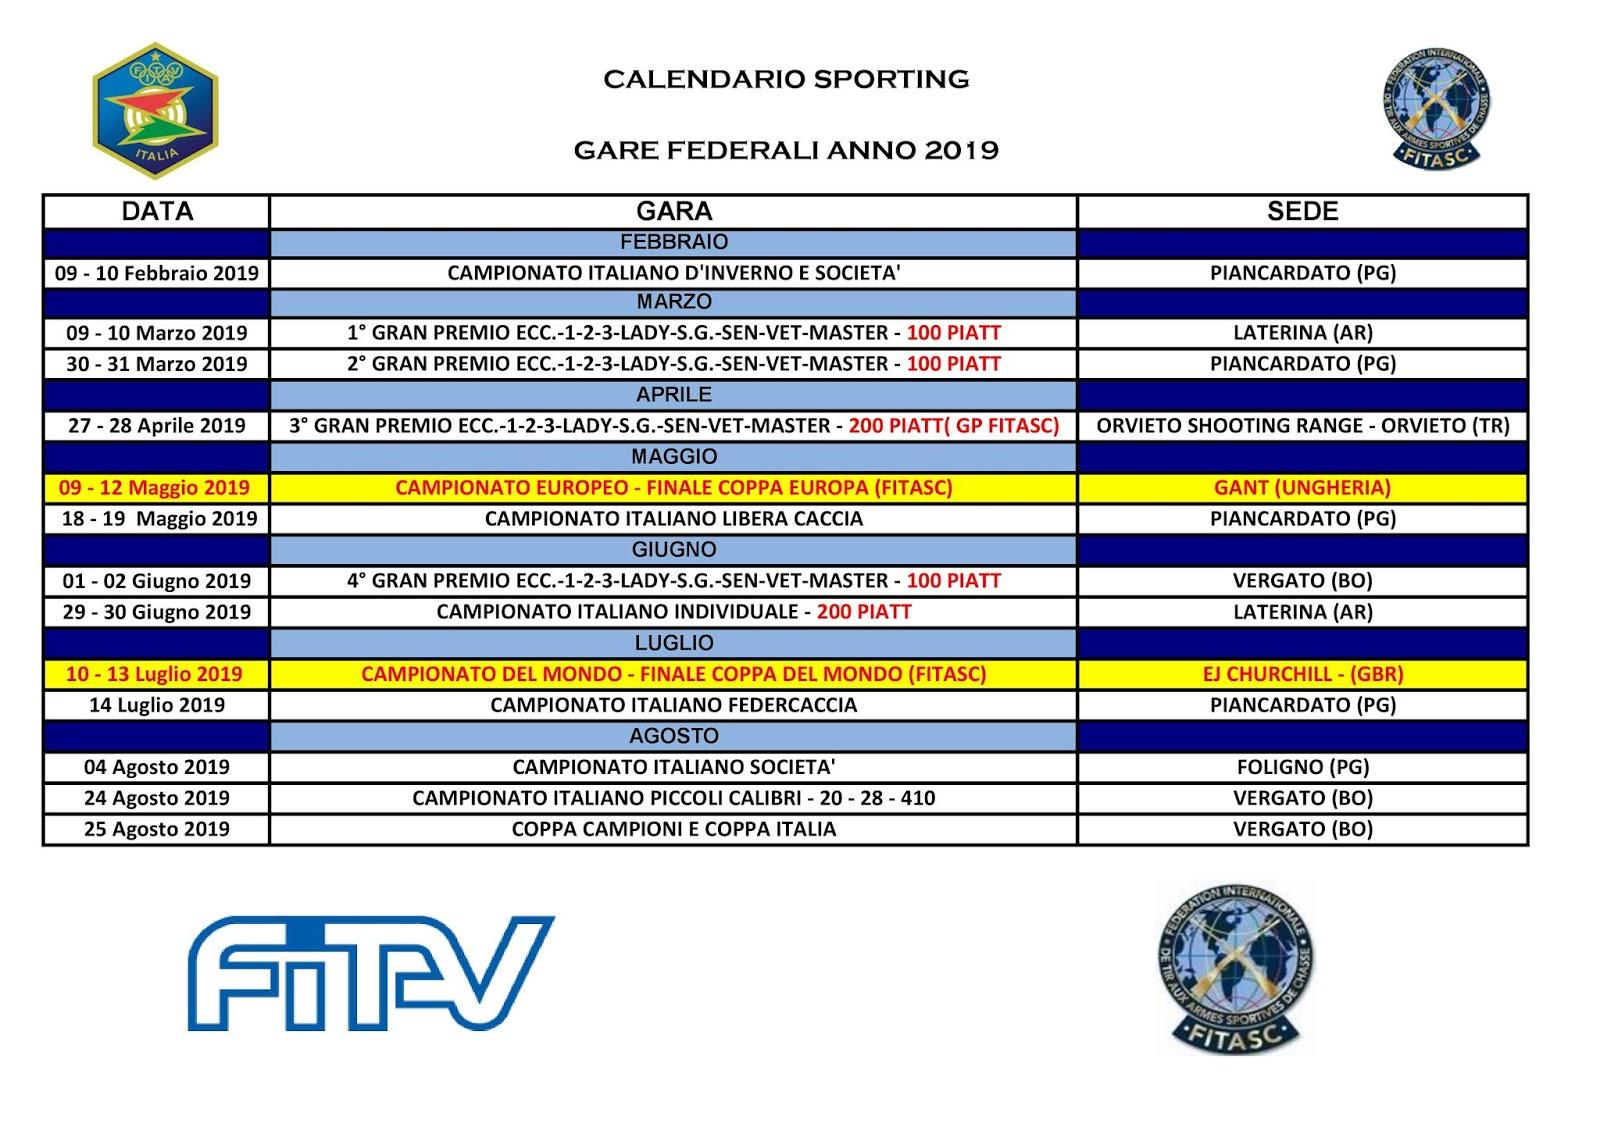 Calendario Nazionali.Tiro A Volo Porpetto Calendario Gare Nazionali Sporting 2019